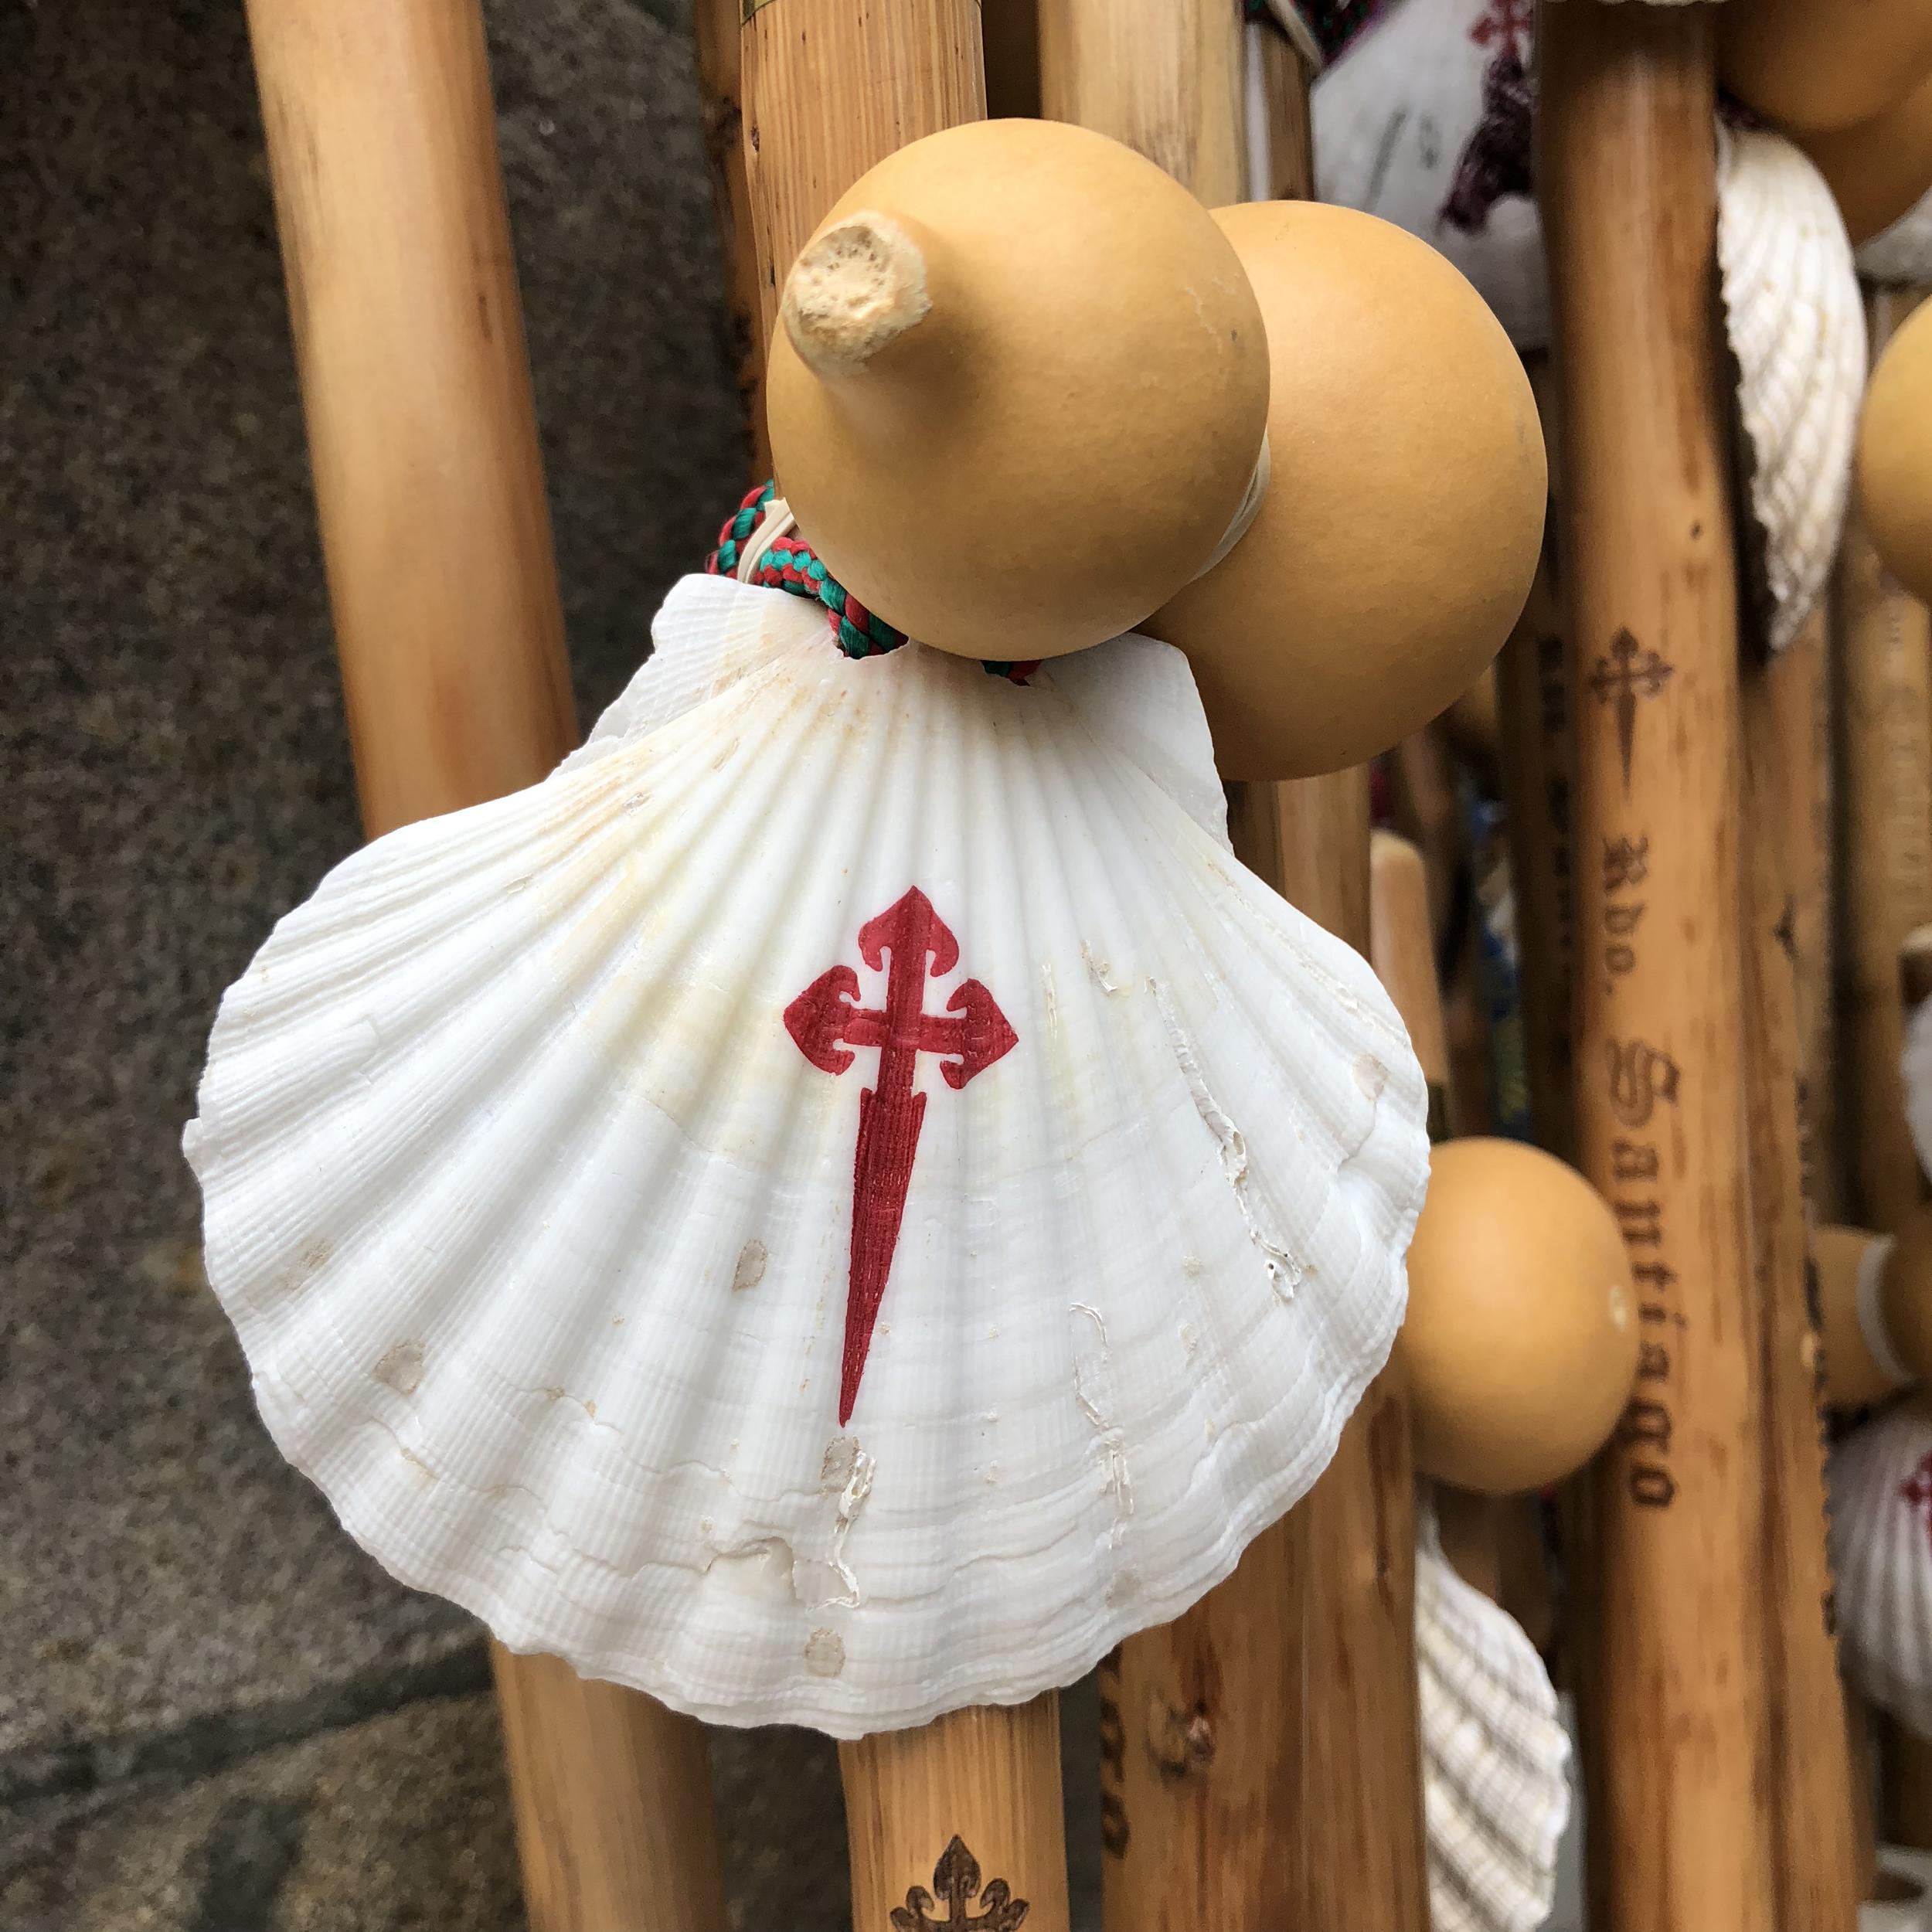 Pilgrim shell.